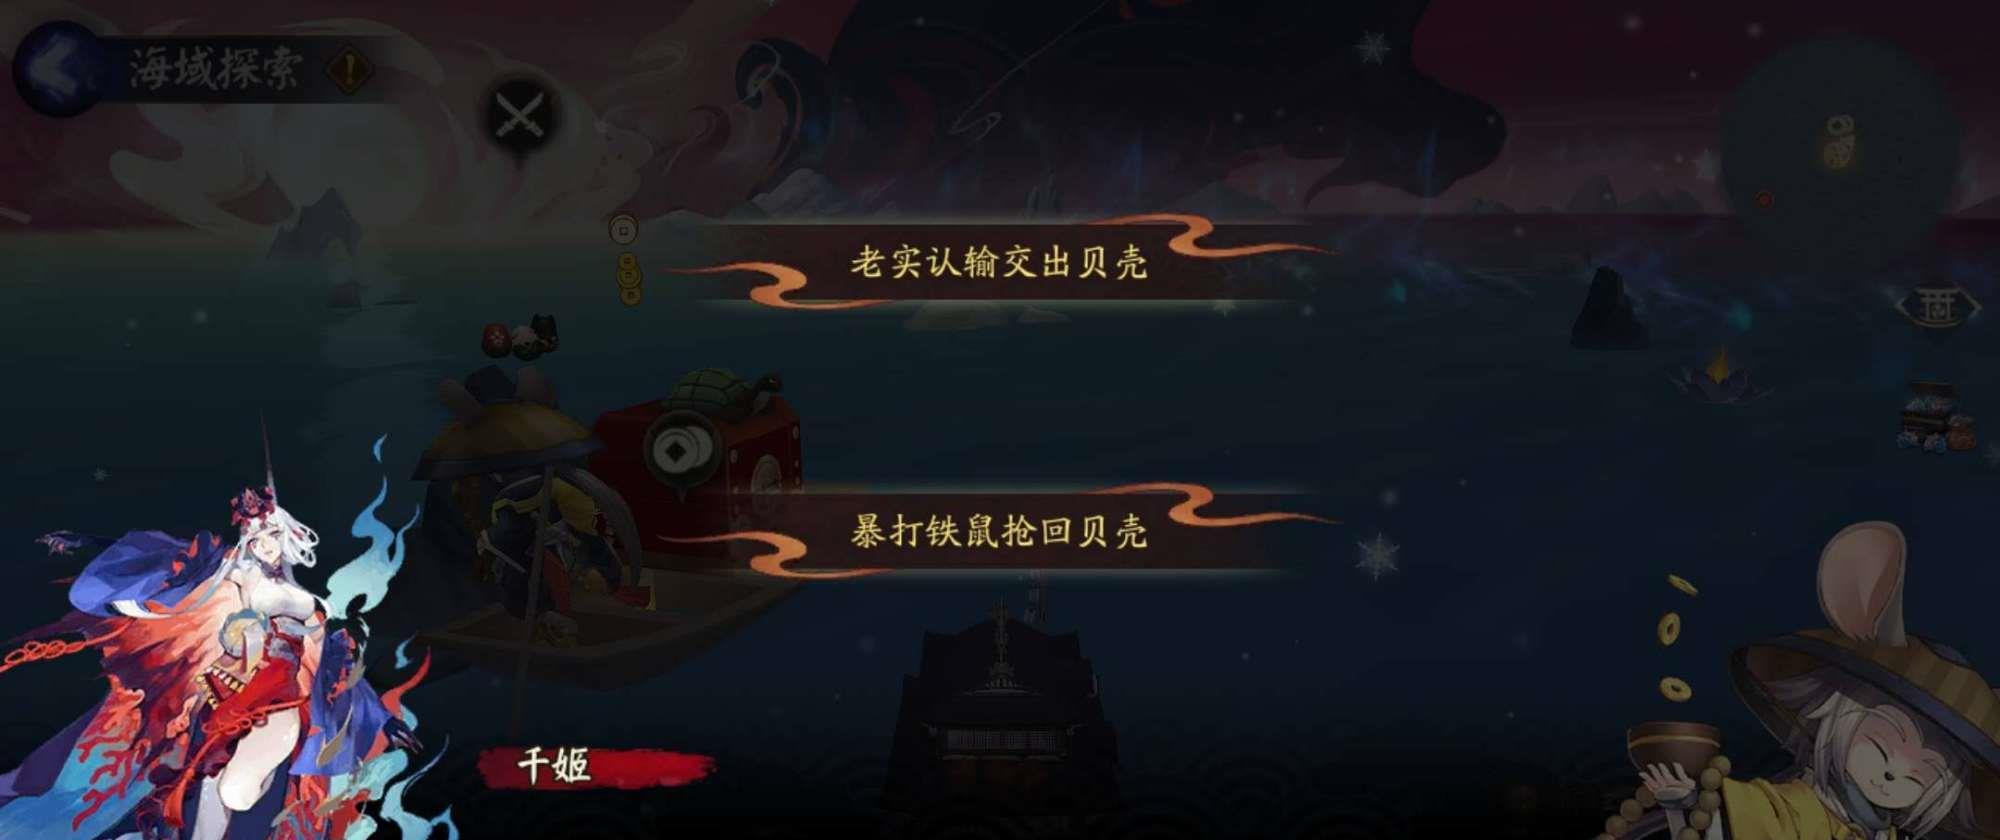 小小忍者物品绑定_阴阳师:铁鼠对弈竞猜,输了可以赖账,但次数多了会禁止参与活动-第4张图片-游戏摸鱼怪